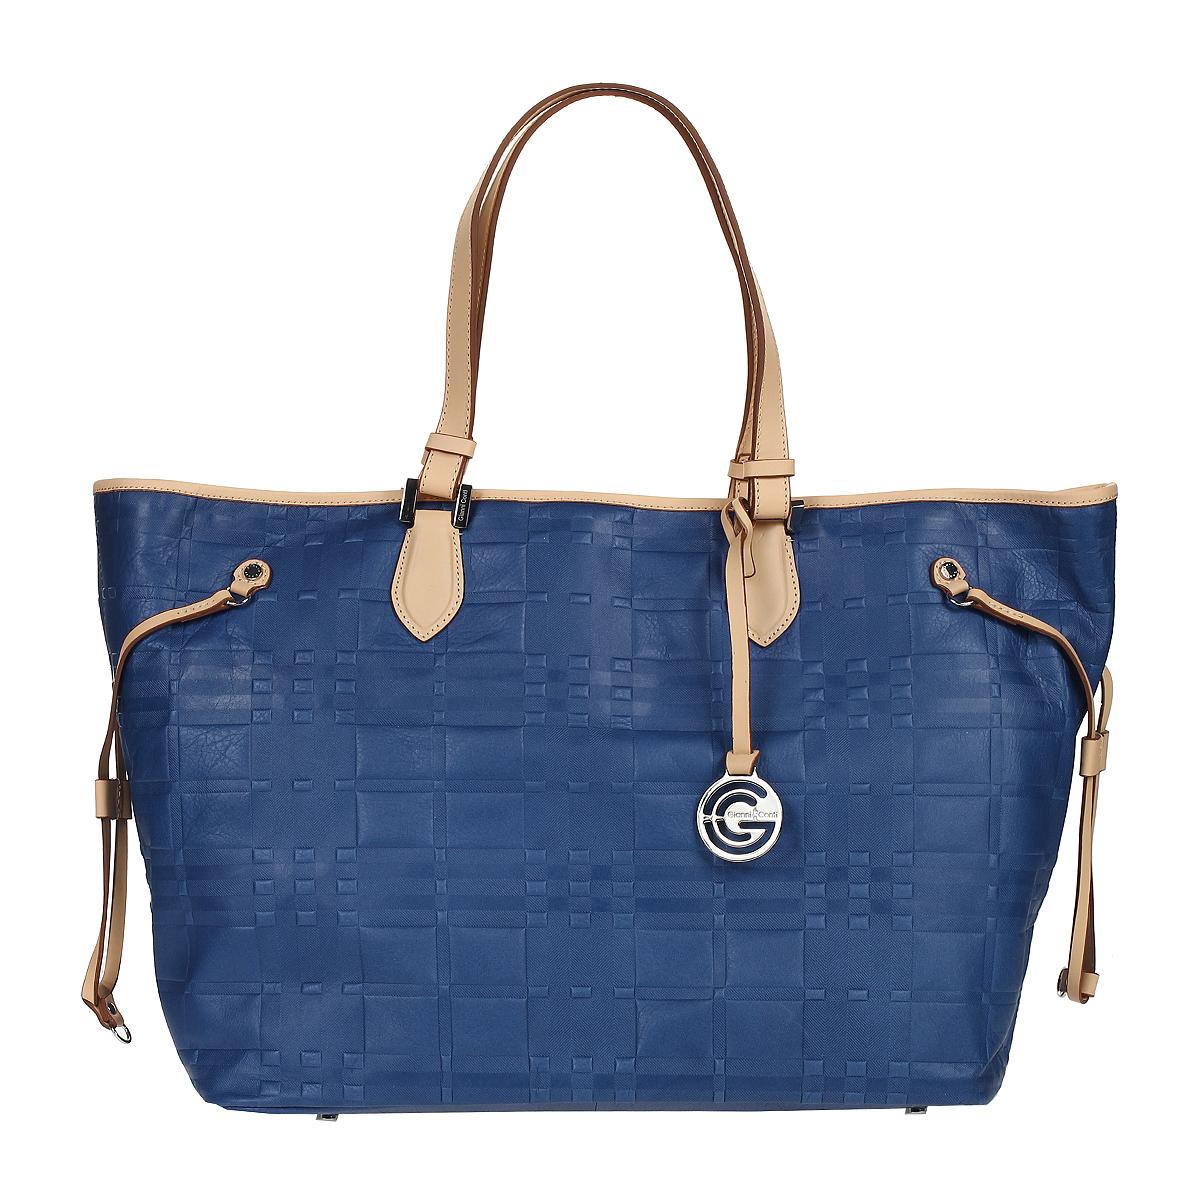 Сумка женская Gianni Conti, цвет: синий, бежевый. 1636896E blue sand23008Стильная женская сумка Gianni Conti выполнена из натуральной кожи синего и бежевого цвета с оригинальным тиснением. Сумка имеет одно отделение, закрывающееся на застежку карабин. Внутри расположен вшитый карман на молнии, два кармашка для мелочей и один кармашек для пишущих принадлежностей. На дне сумки расположены ножки для лучшей устойчивости. Сумка оснащена удобными ручками и украшена подвеской с символикой бренда. Фурнитура - серебристого цвета. В комплекте имеется чехол для хранения.Сумка - это стильный аксессуар, который подчеркнет вашу индивидуальность и сделает ваш образ завершенным. Характеристики:Материал: натуральная кожа, металл. Цвет: синий, бежевый. Размер сумки: 55 см х 33 см х 19 см. Высота ручек: 26 см.